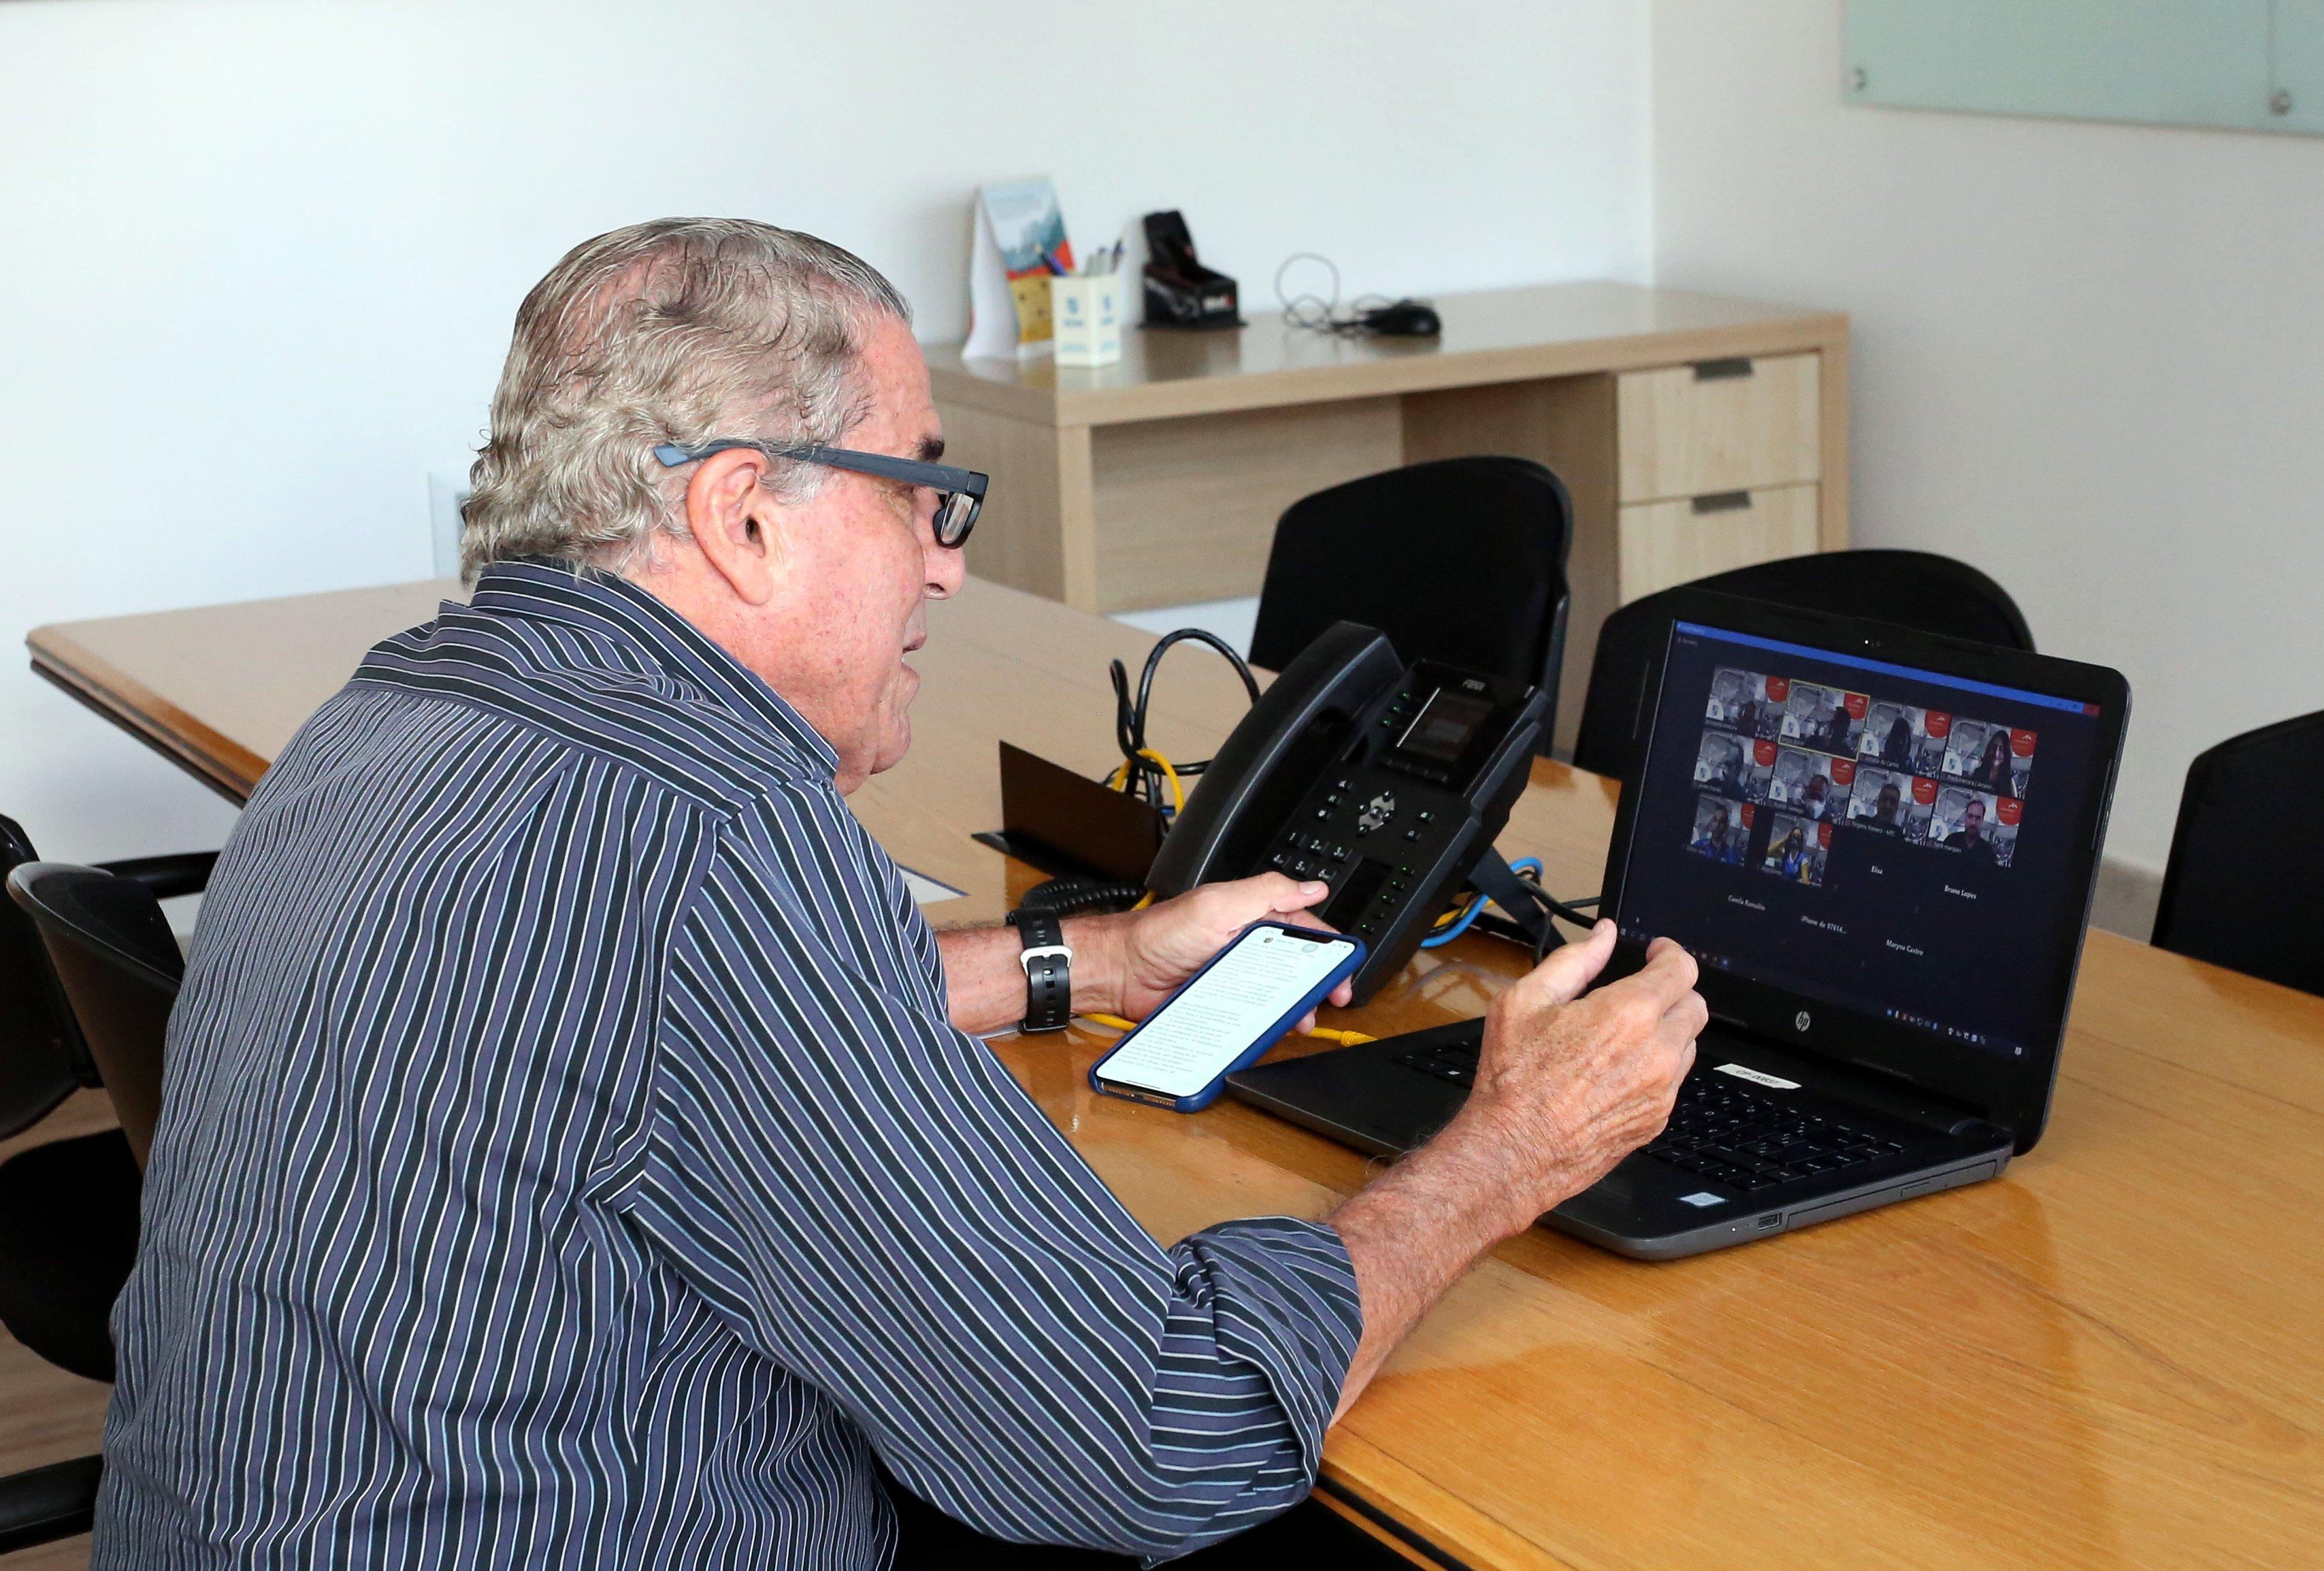 Sérgio Botrel, diretor de Negócios e Marketing do Minas, também esteve na renovação da parceria entre Minas e ArcelorMittal. Foto: Orlando Bento